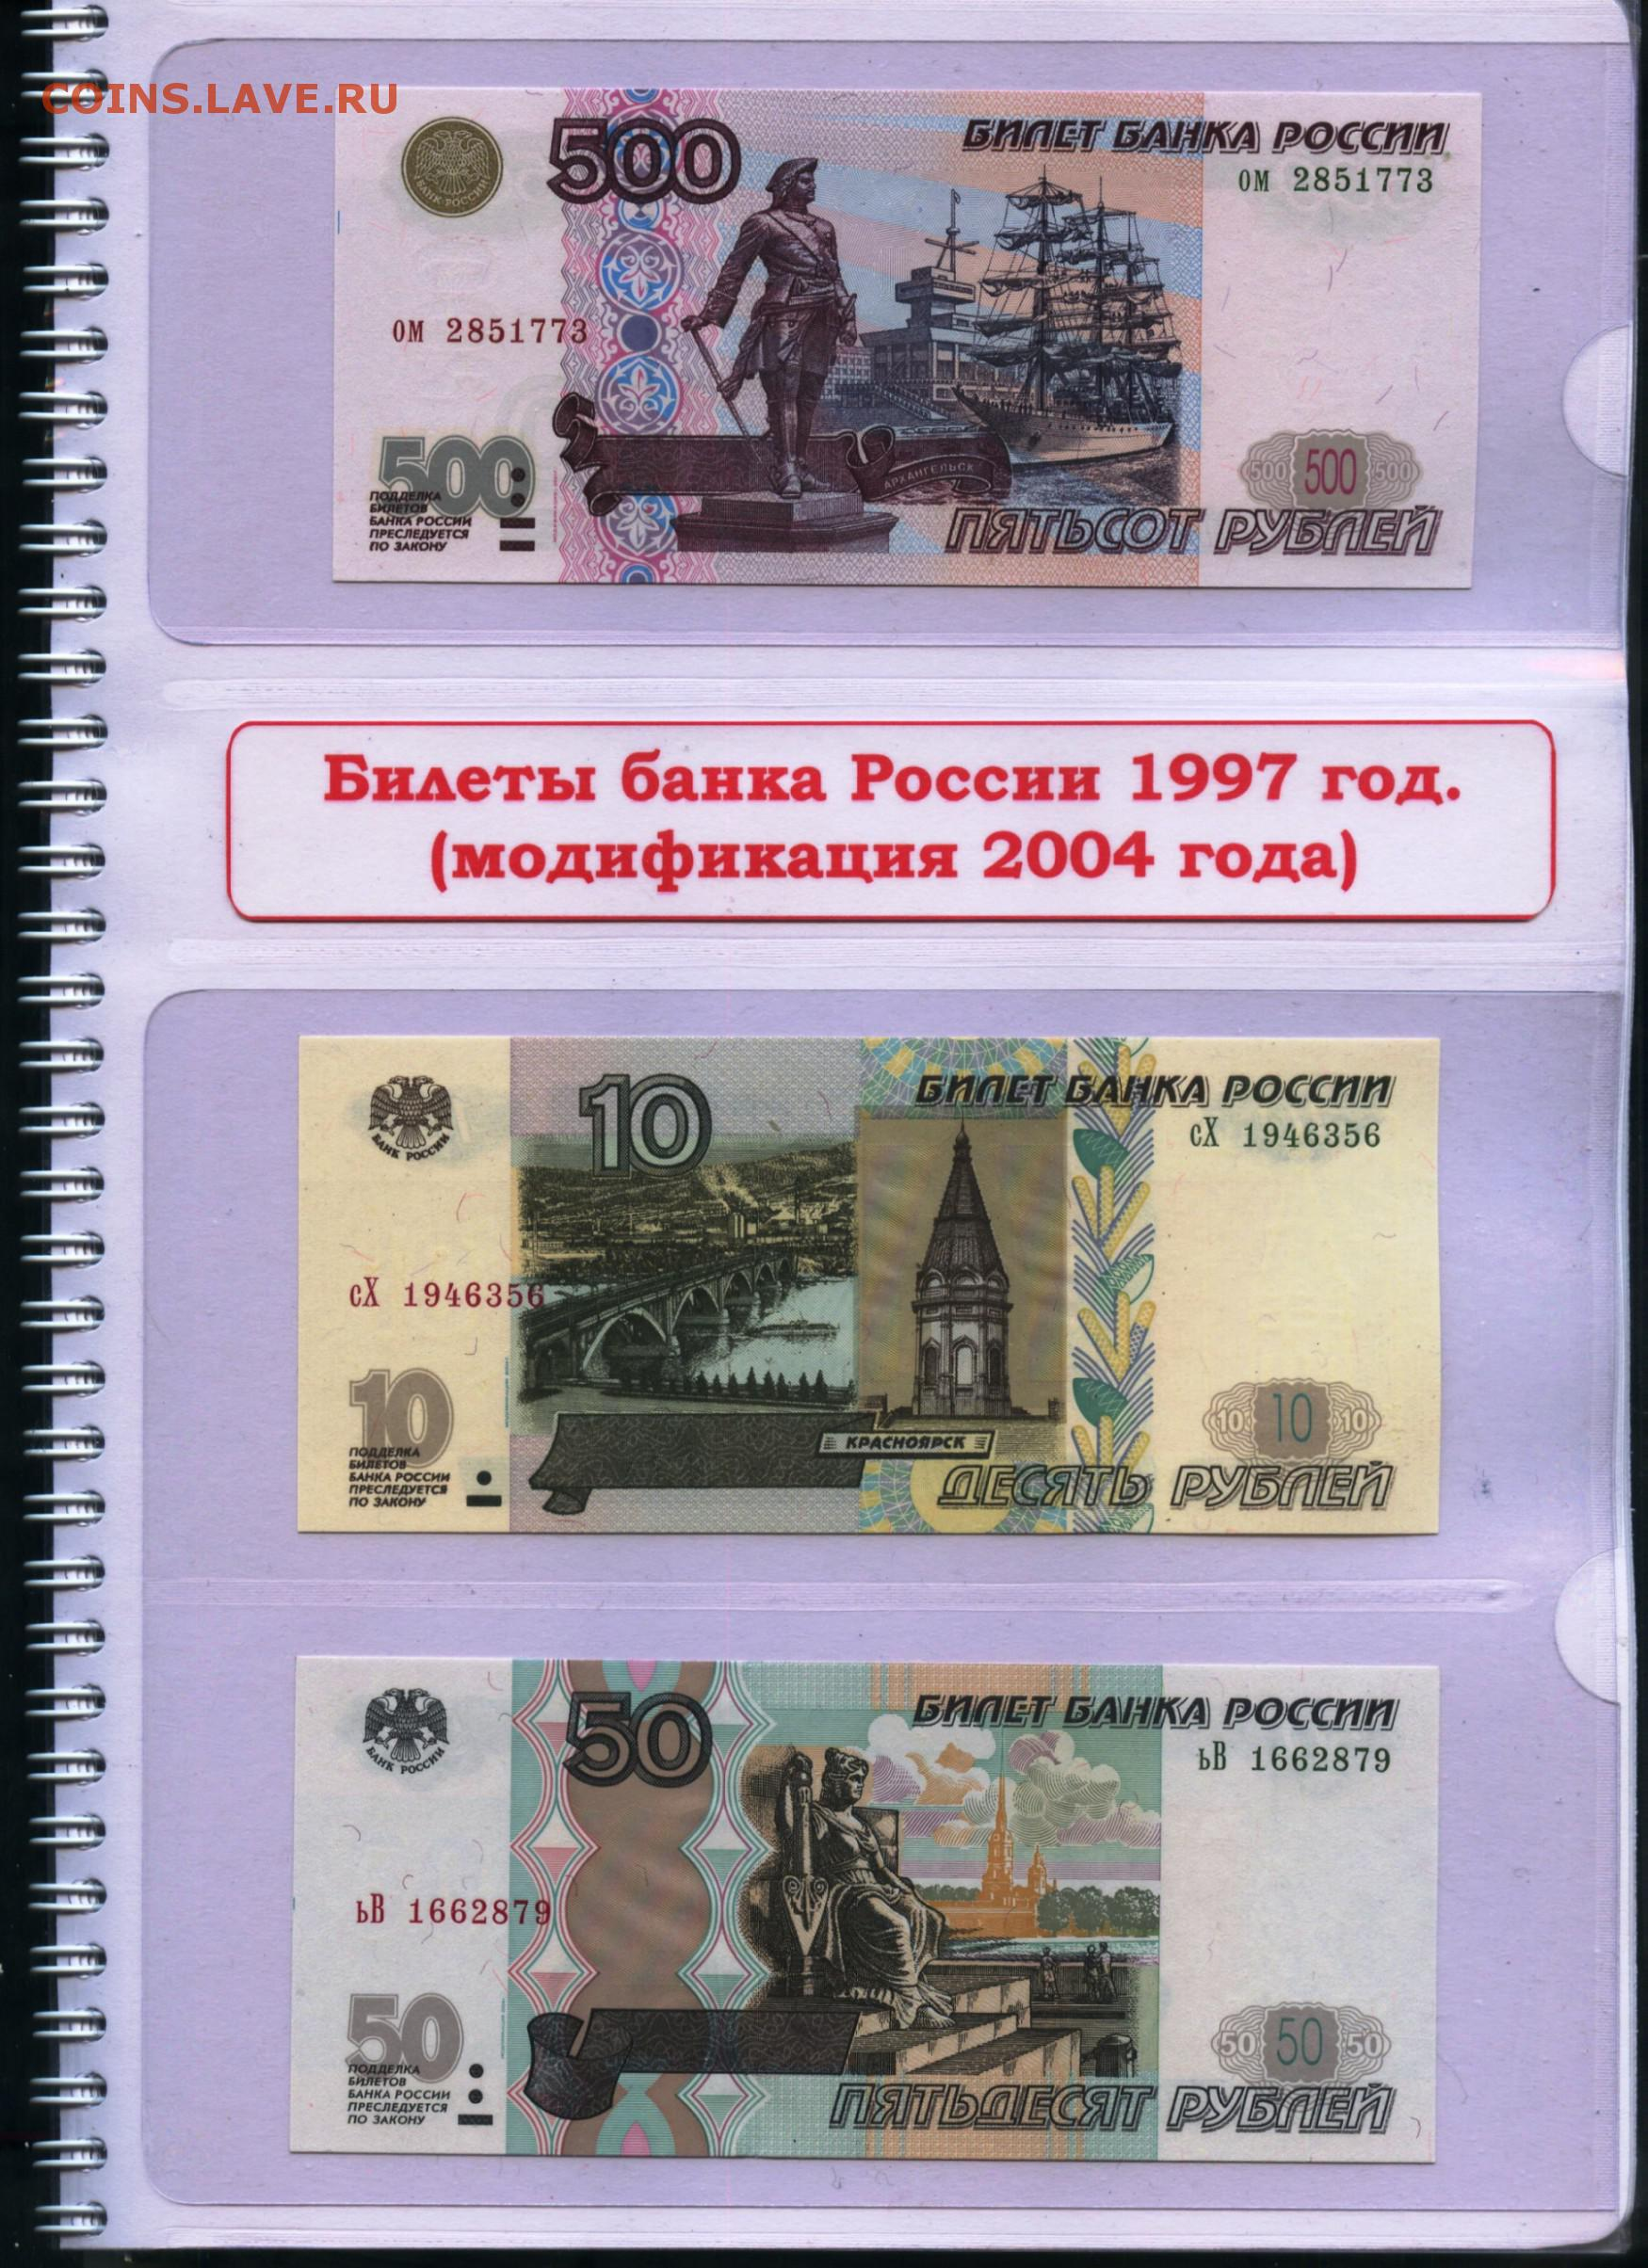 10 000 рублей купюра 1995 года цена